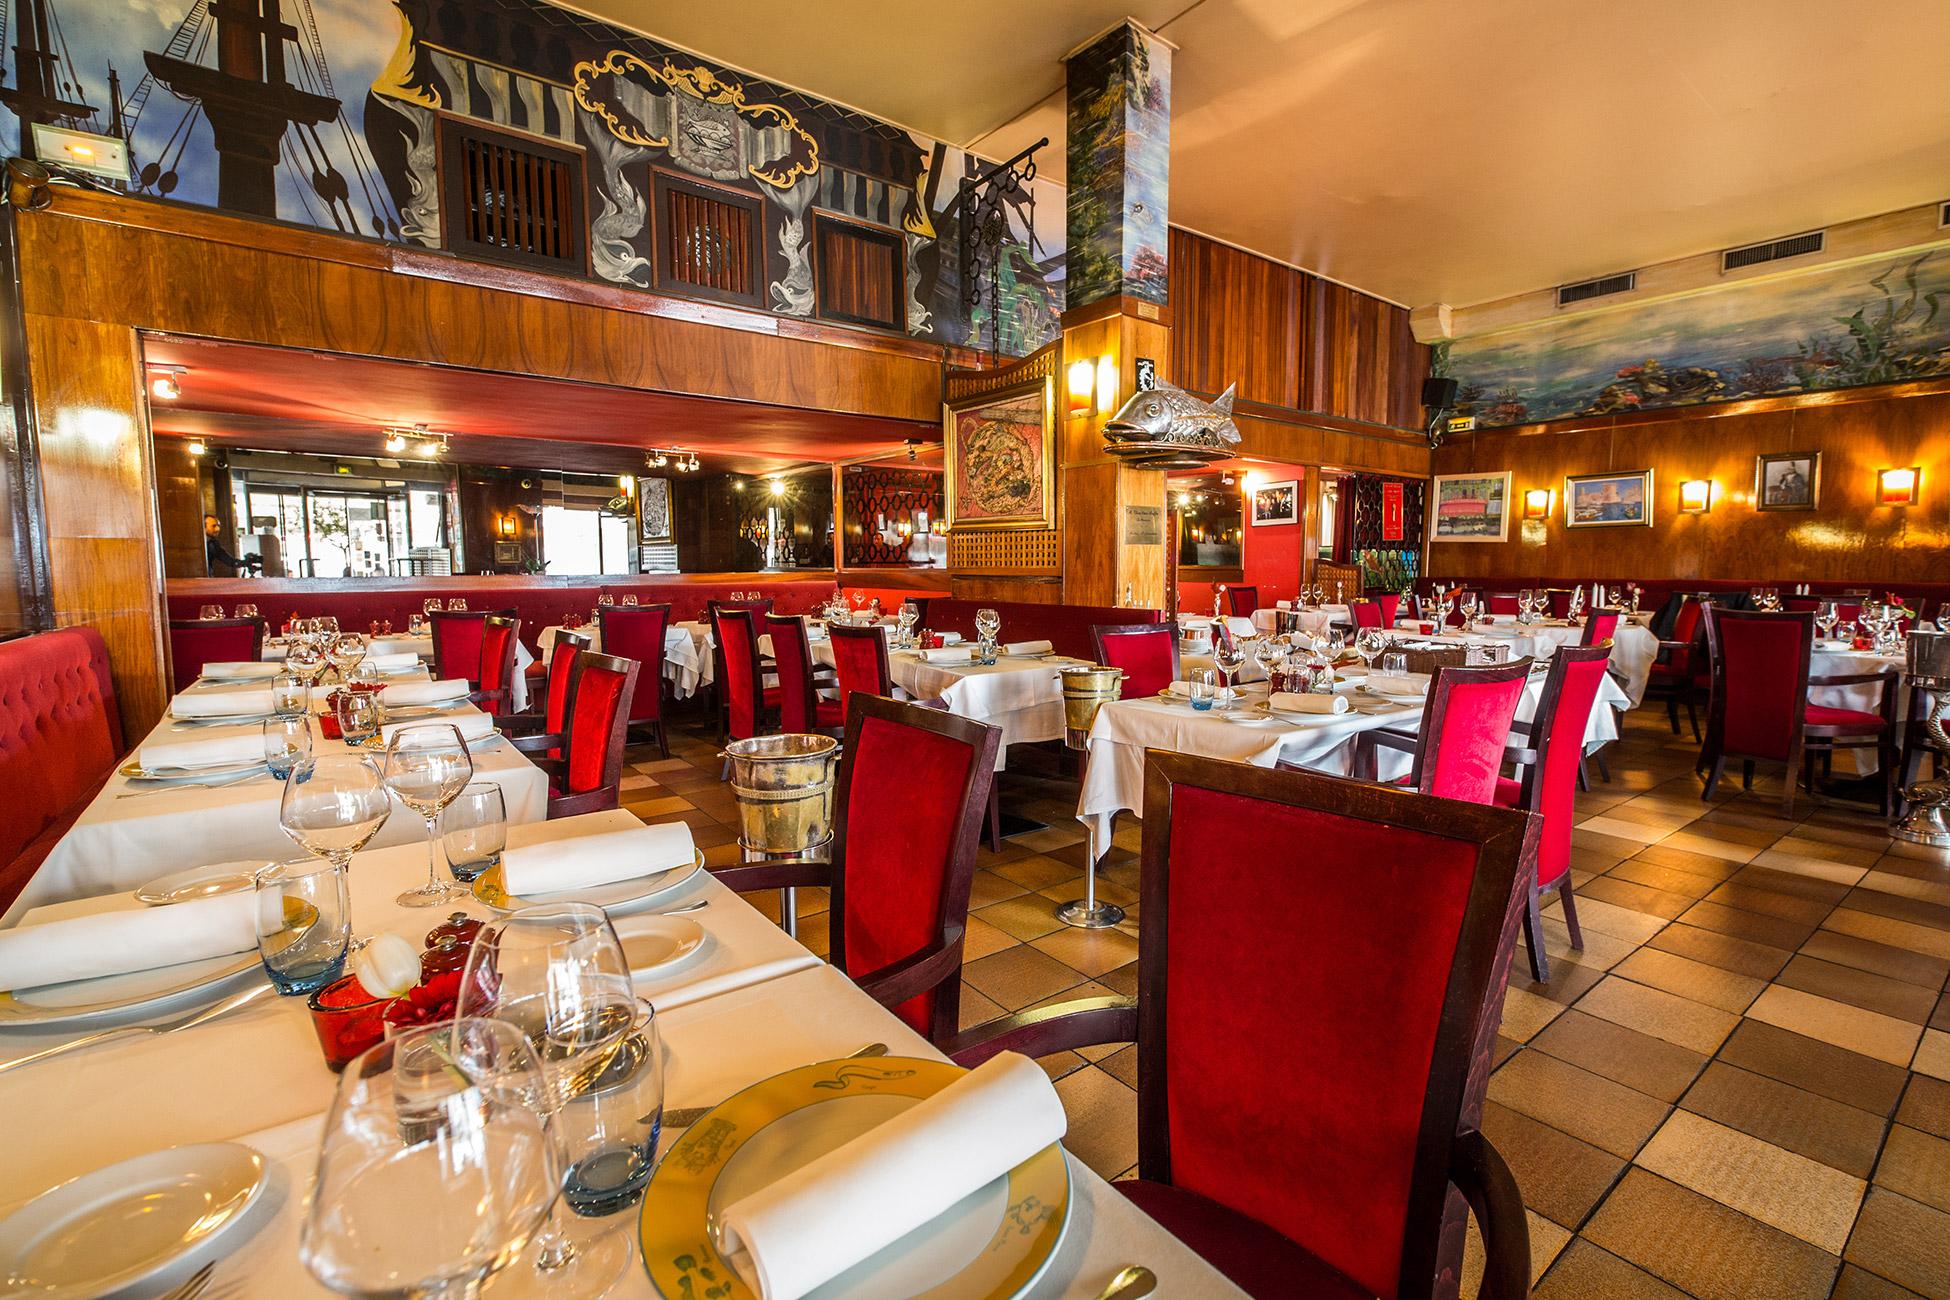 Miramar restaurant gastronomique marseille membre fondateur de la charte de la bouillabaisse - Restaurant l huitre y est port des barques ...